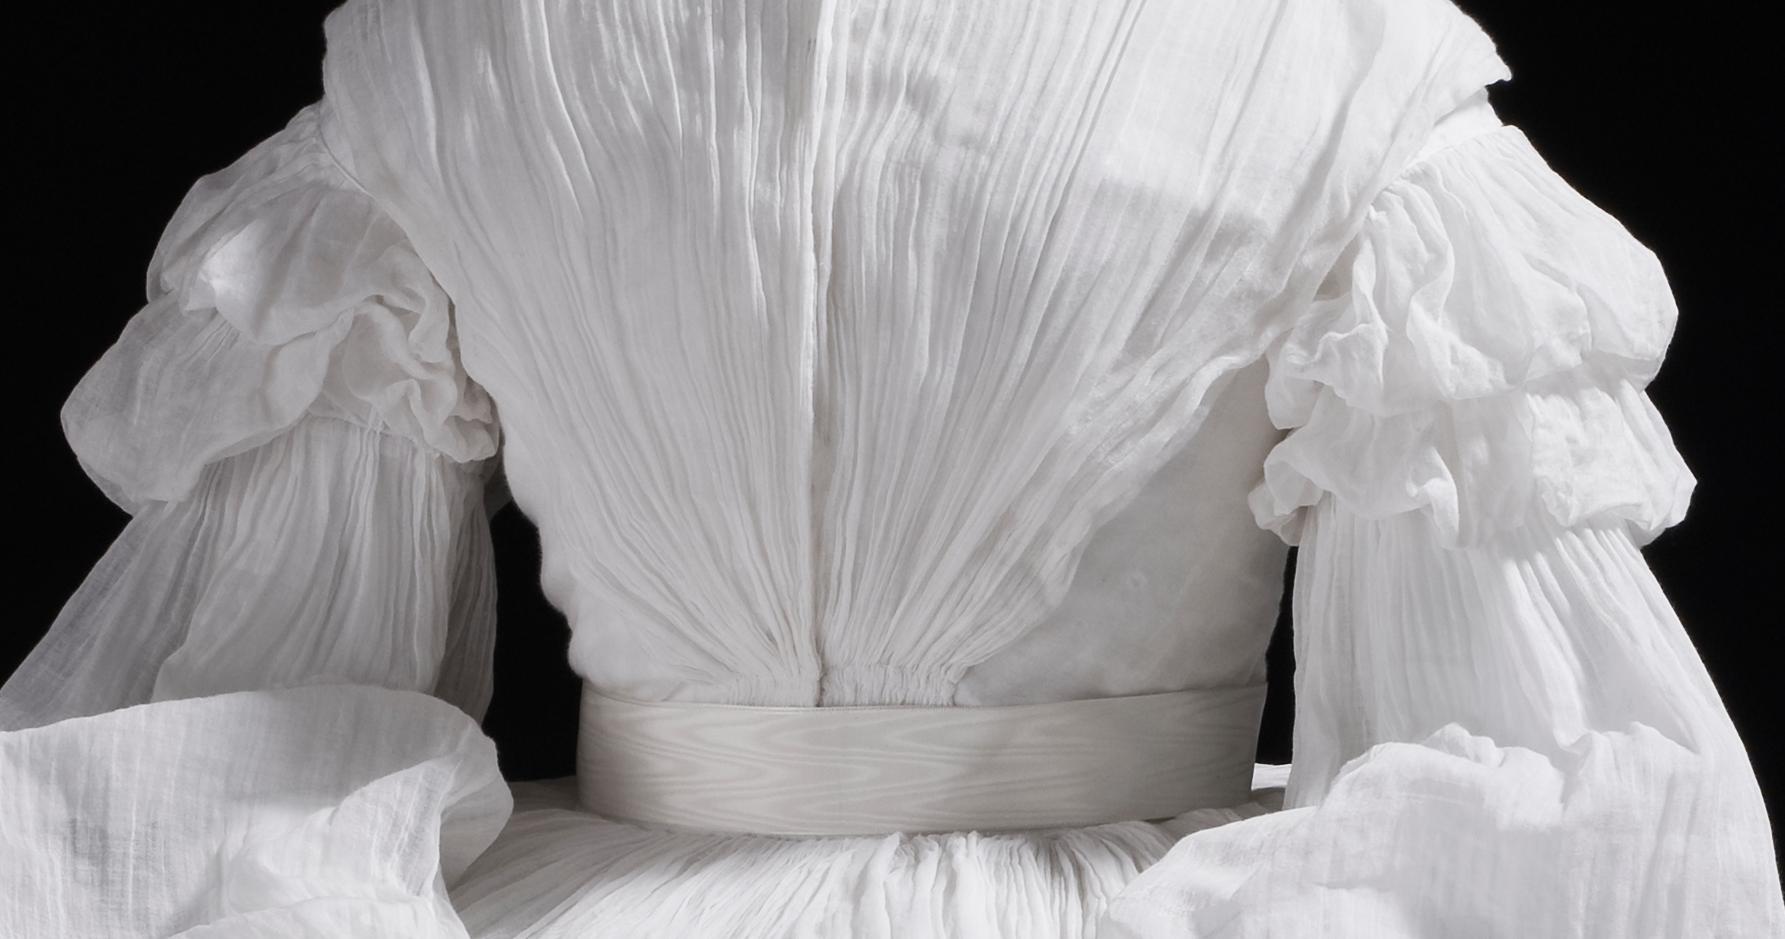 Мокрый шелк ткань: фото, цена, что это такое, отзывы и описание материала